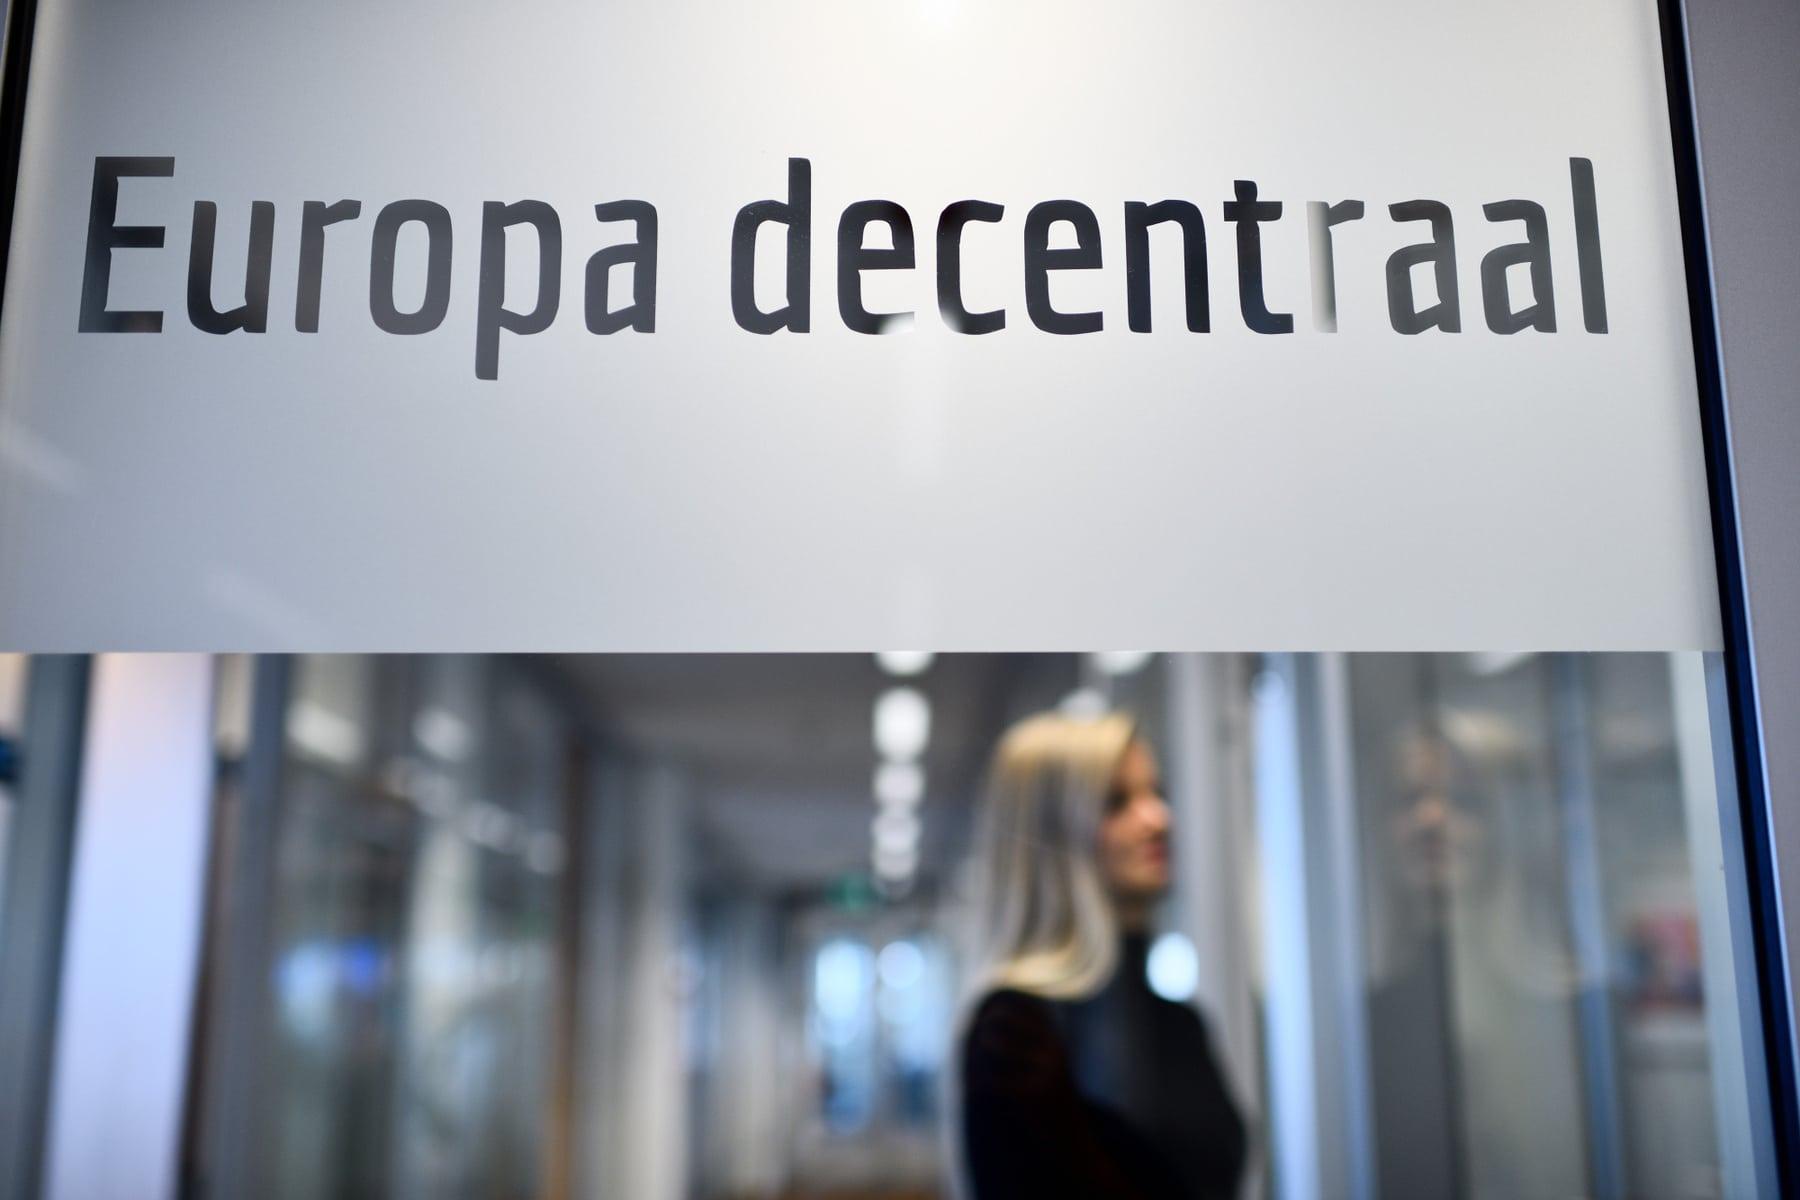 Kantoor Europa decentraal